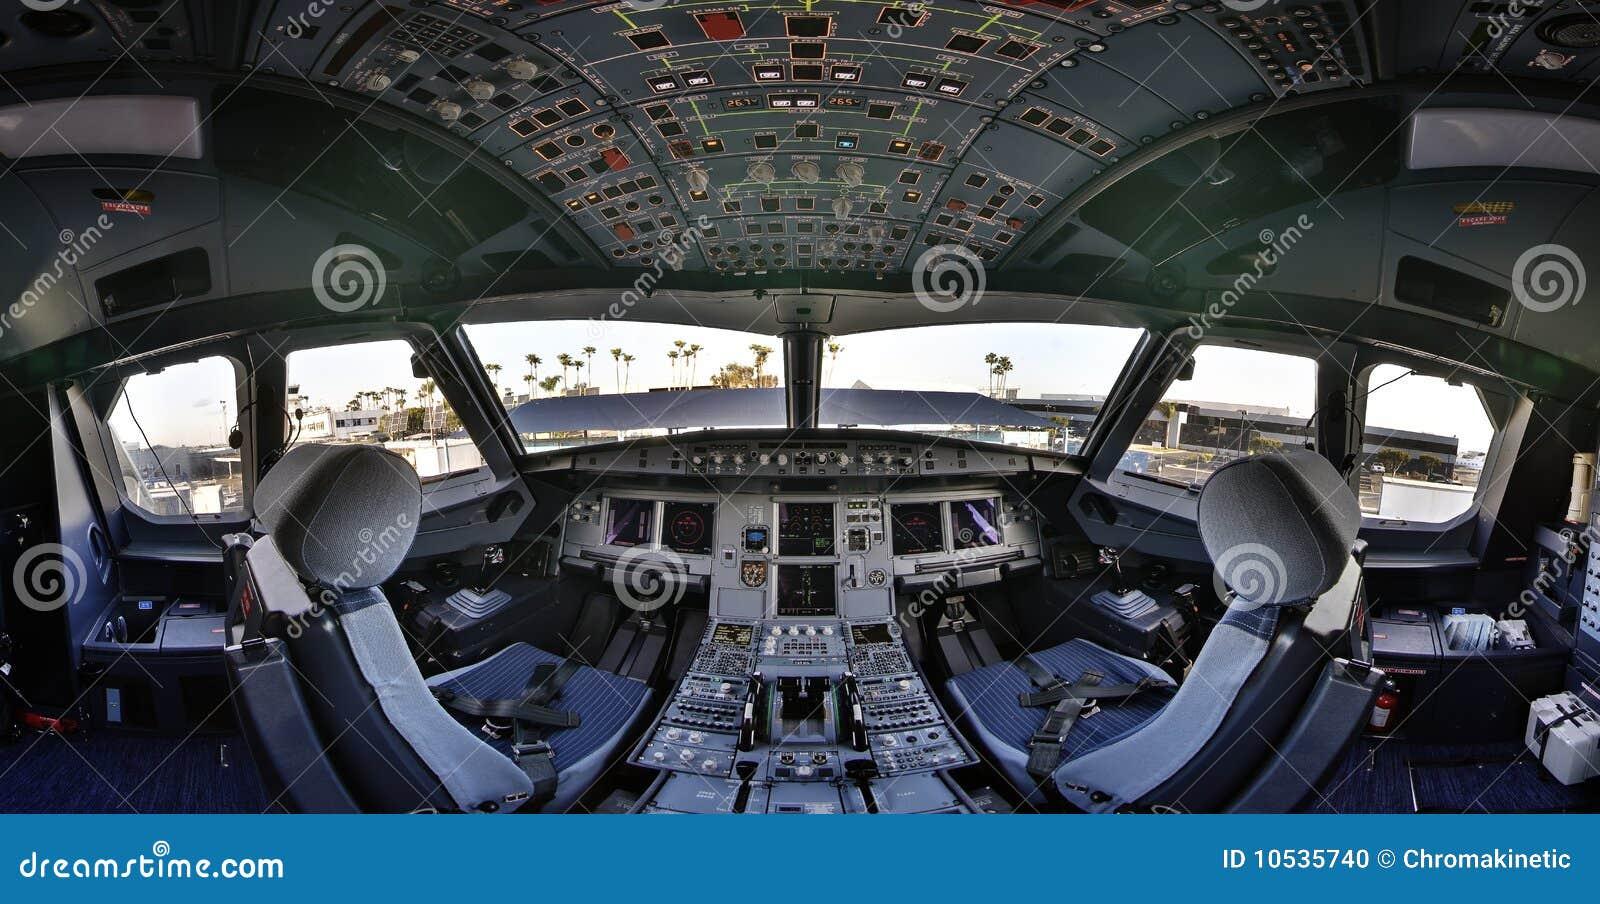 flightdeck della cabina di guida del airbus 320 fotografia